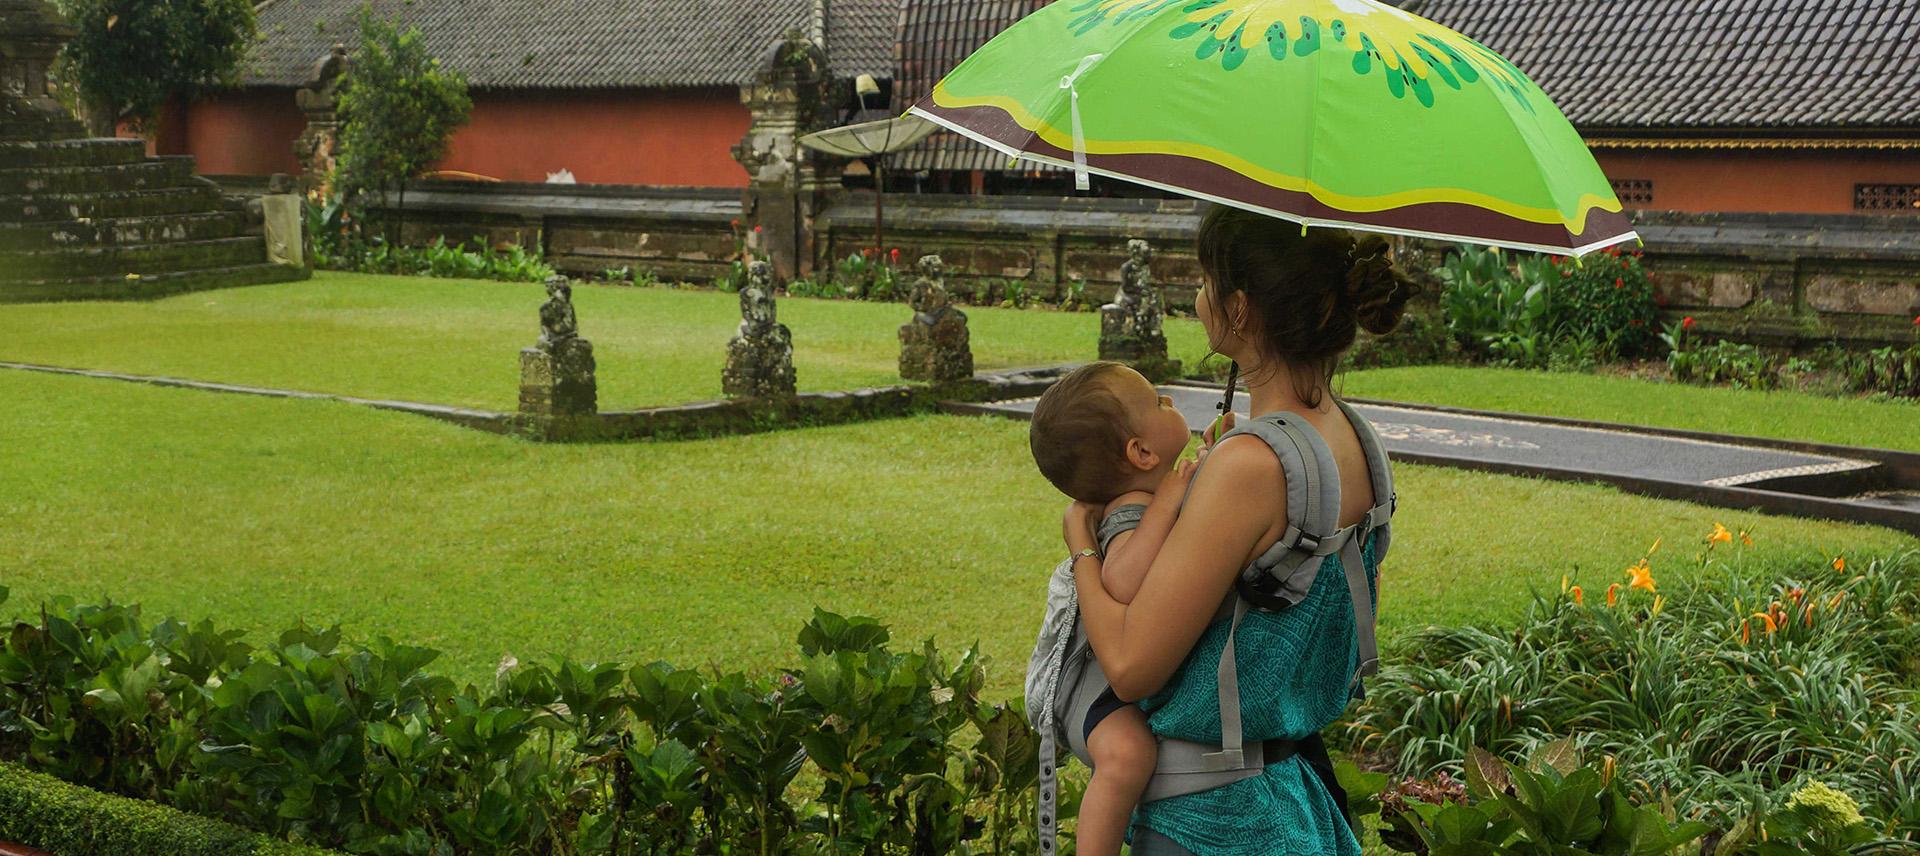 Ασφάλεια και υγεία στα ταξίδια με παιδί